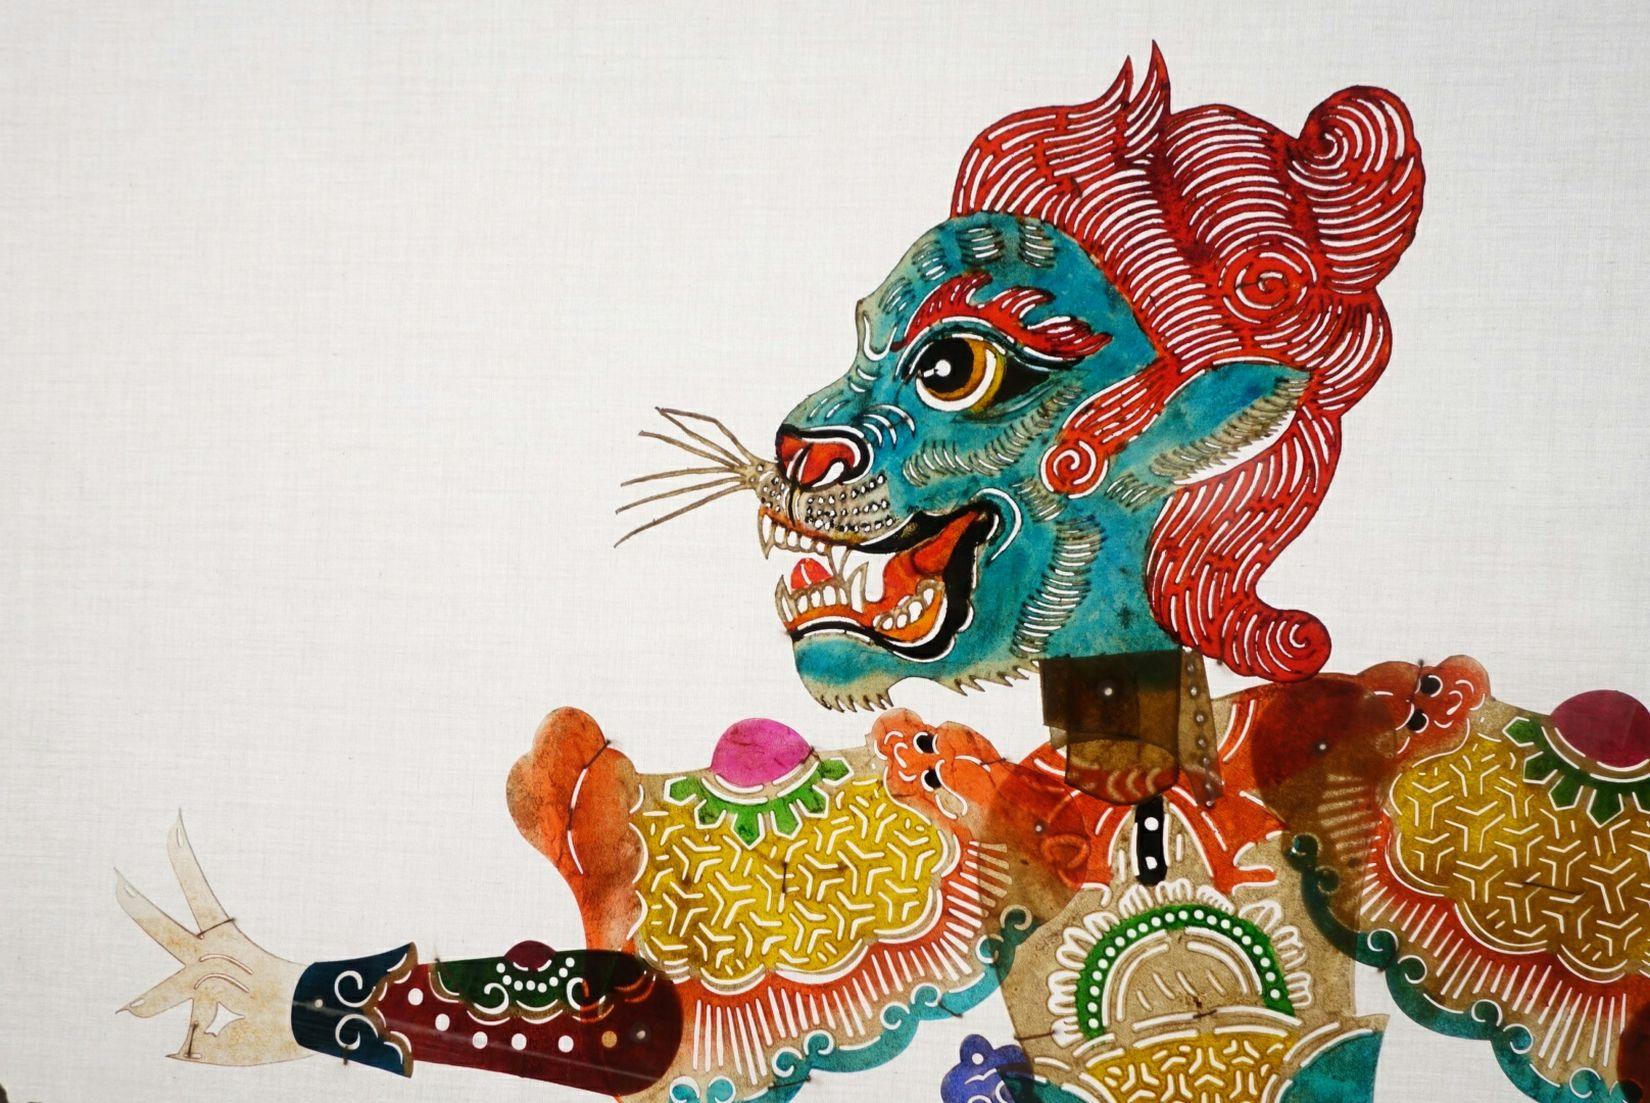 国美 民艺馆 中国 中国美术学院 皮影戏 民艺馆